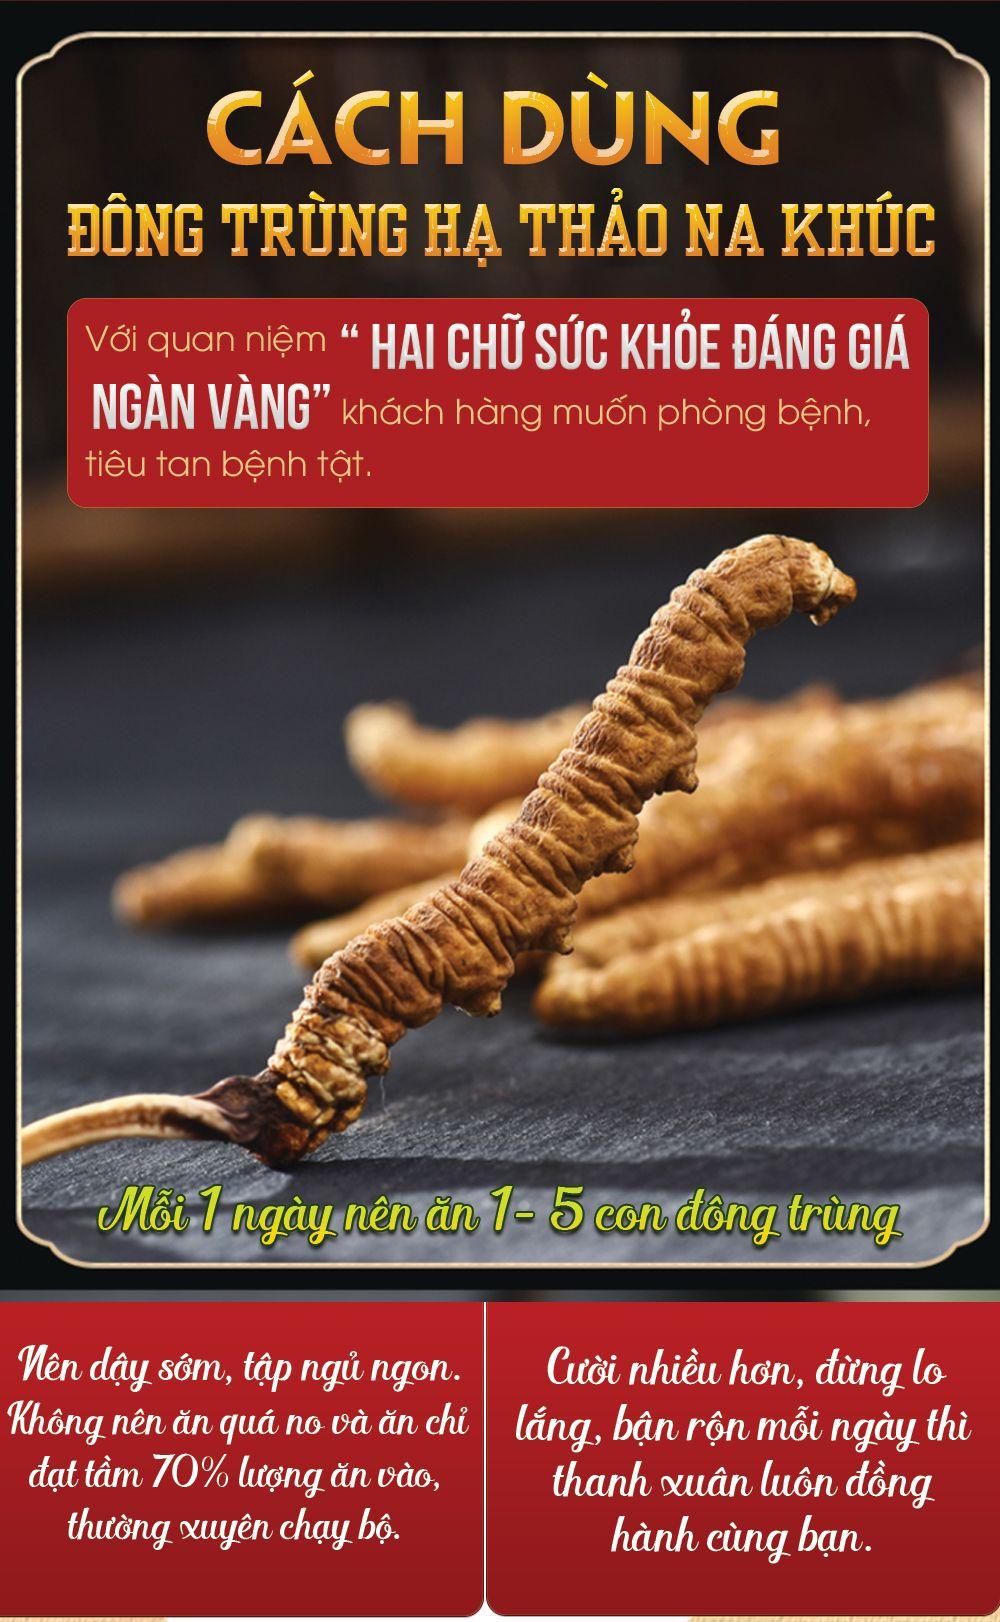 Mùi hương và vị của con đông trùng hạ thảo